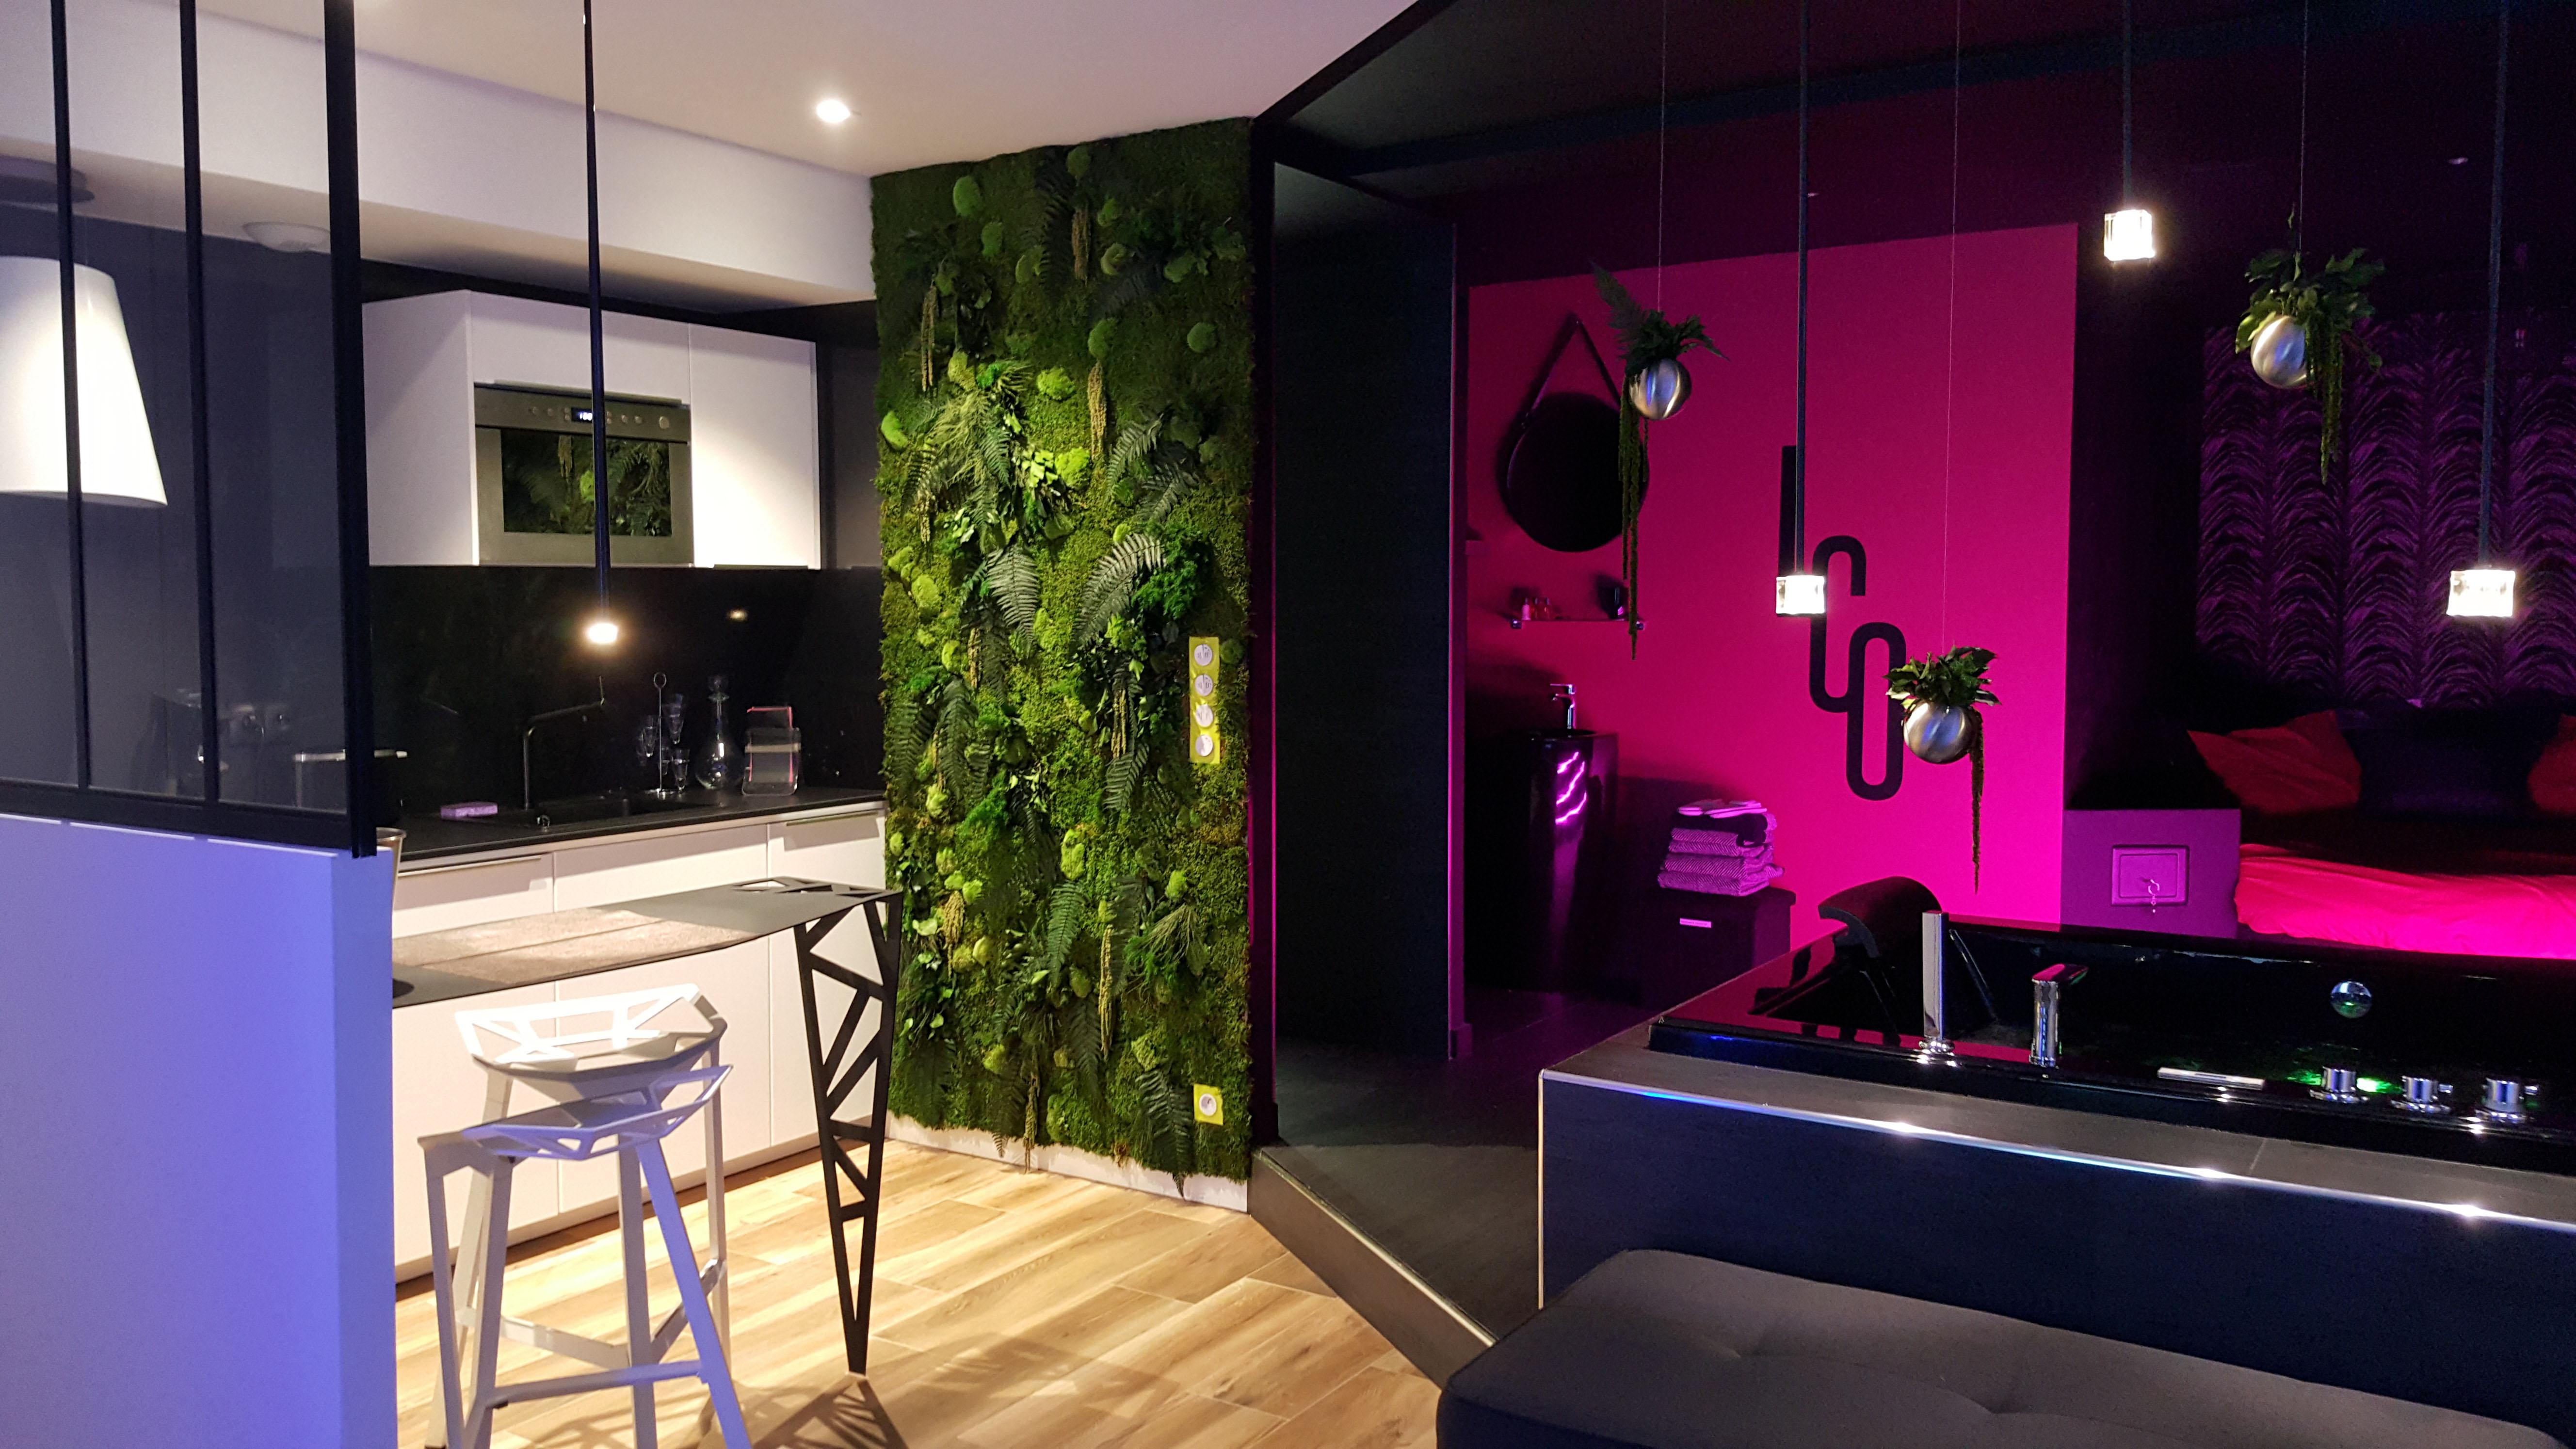 Le Clair Obscur, appartement romantique de luxe, Nantes, Pays de la Loire